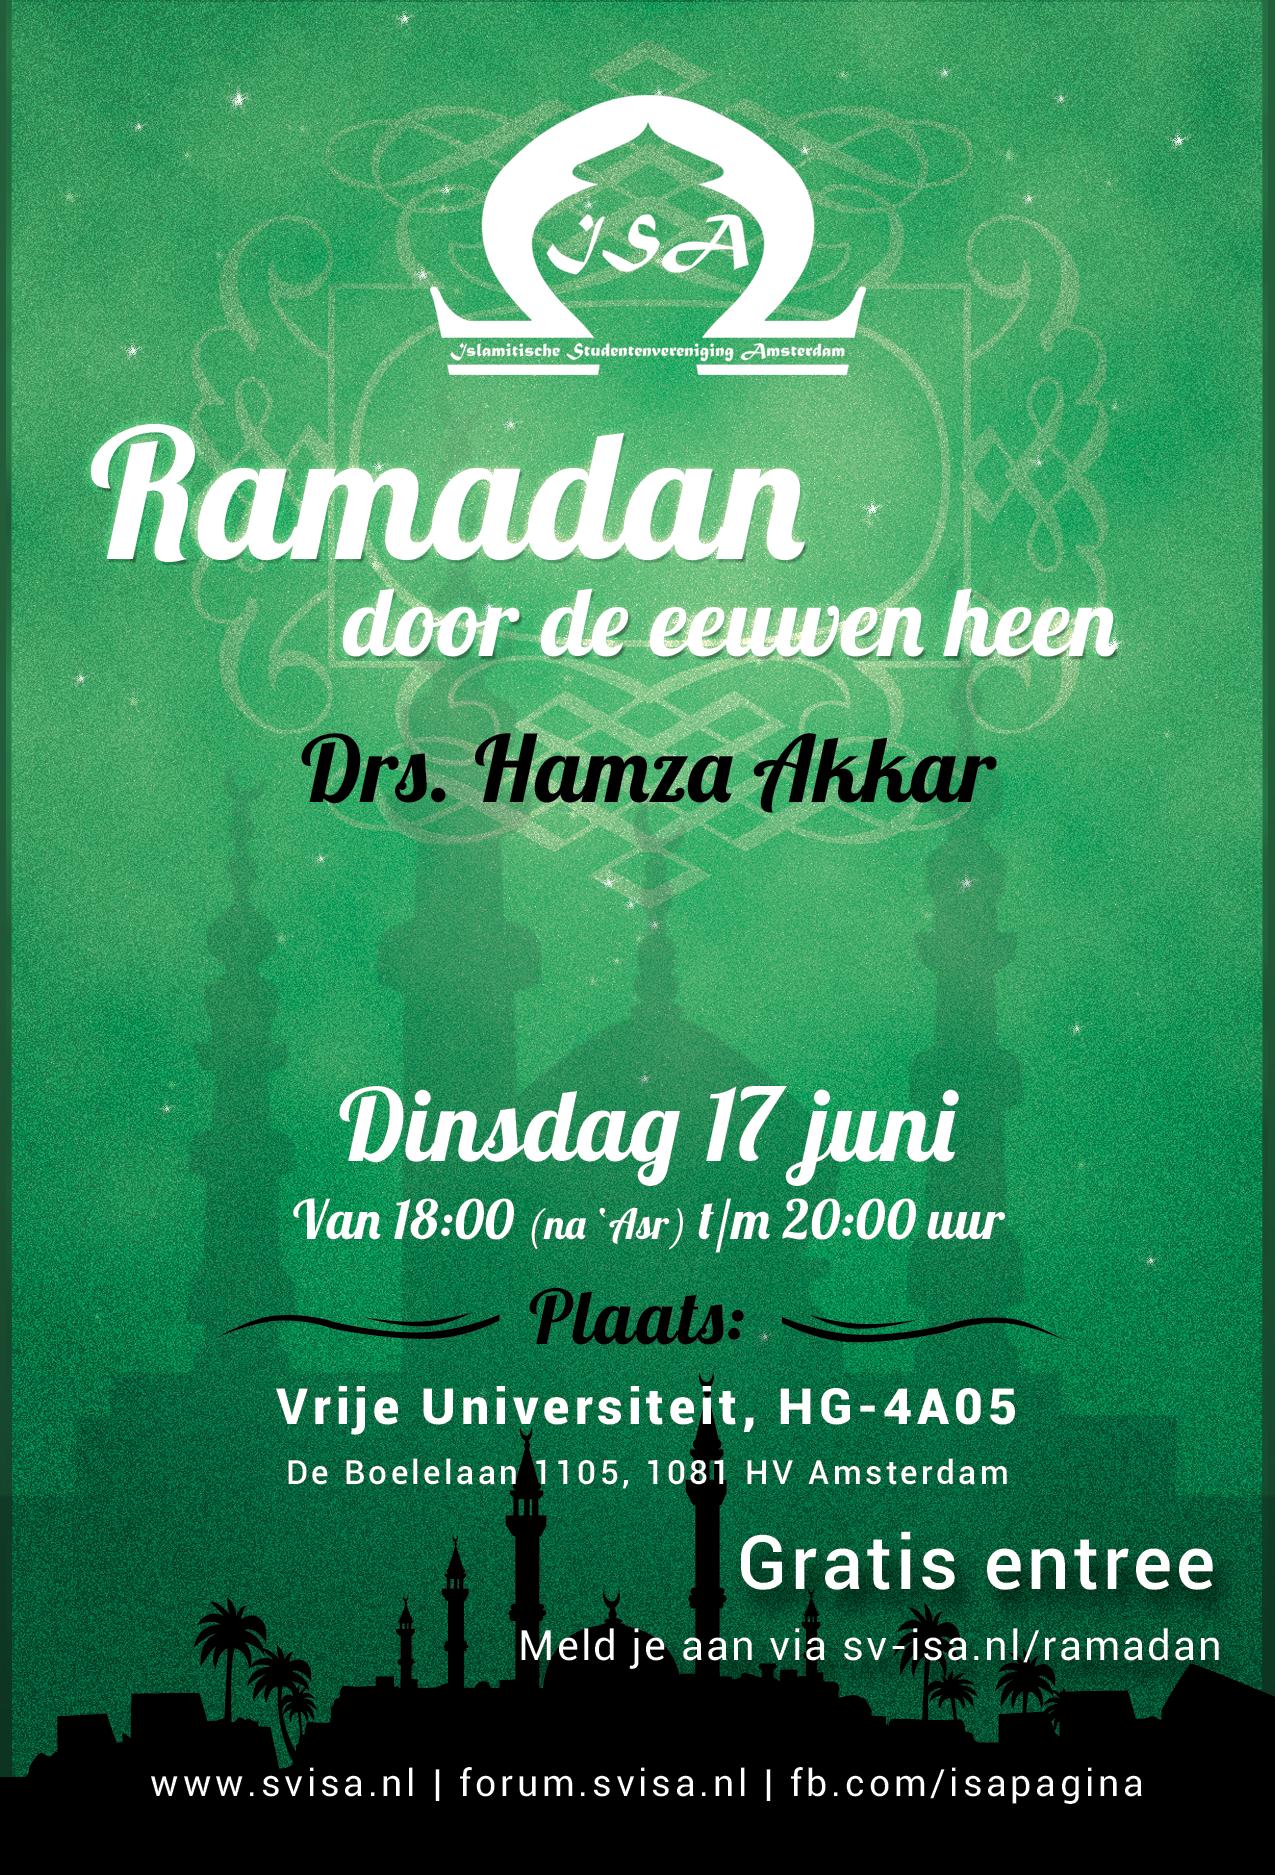 Ramadan door de eeuwen heen